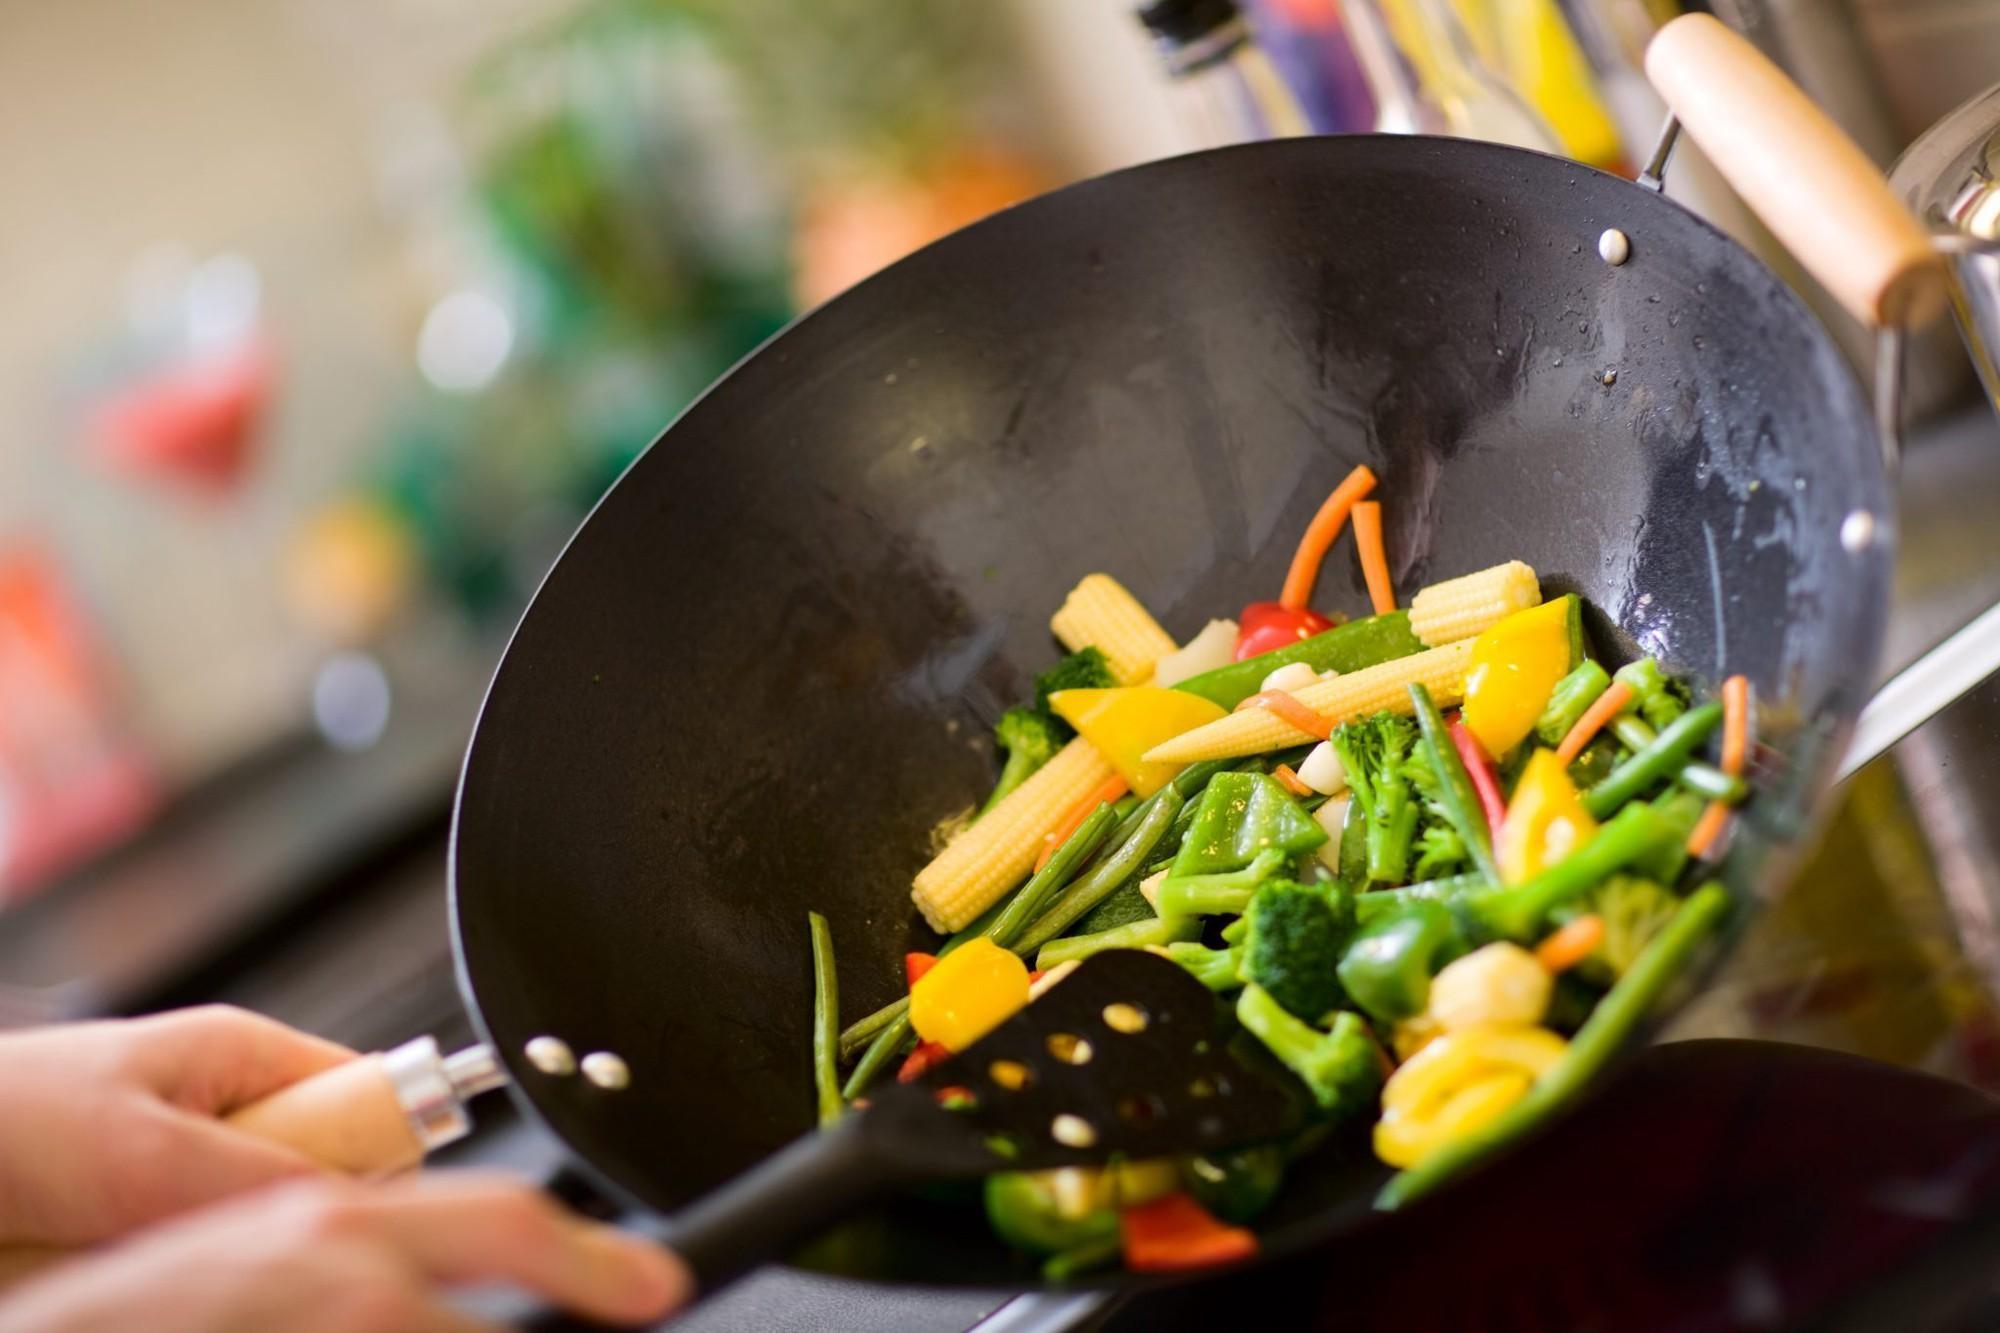 Ghi nhớ 8 nguyên tắc ăn uống dưới đây để có một kì nghỉ Tết thật khỏe mạnh - Ảnh 5.